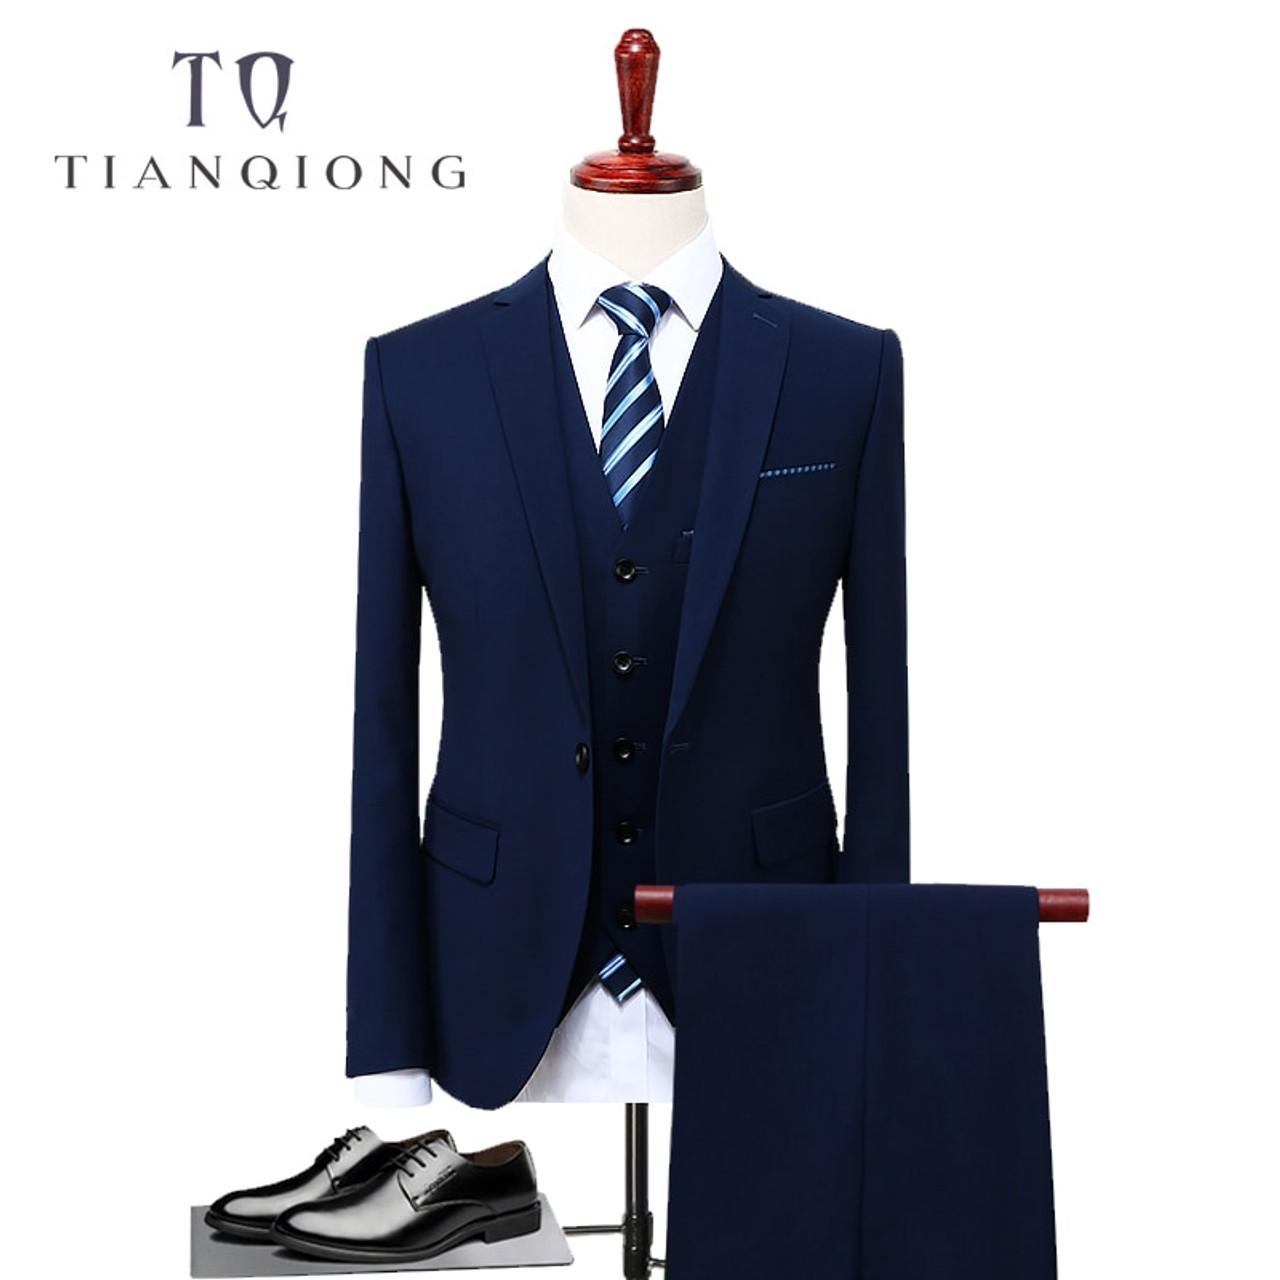 b1e2df82dee TIAN QIONG Blue 3 Piece Suit Men Korean Fashion Business Mens Suits  Designers 2018 Slim Fit ...